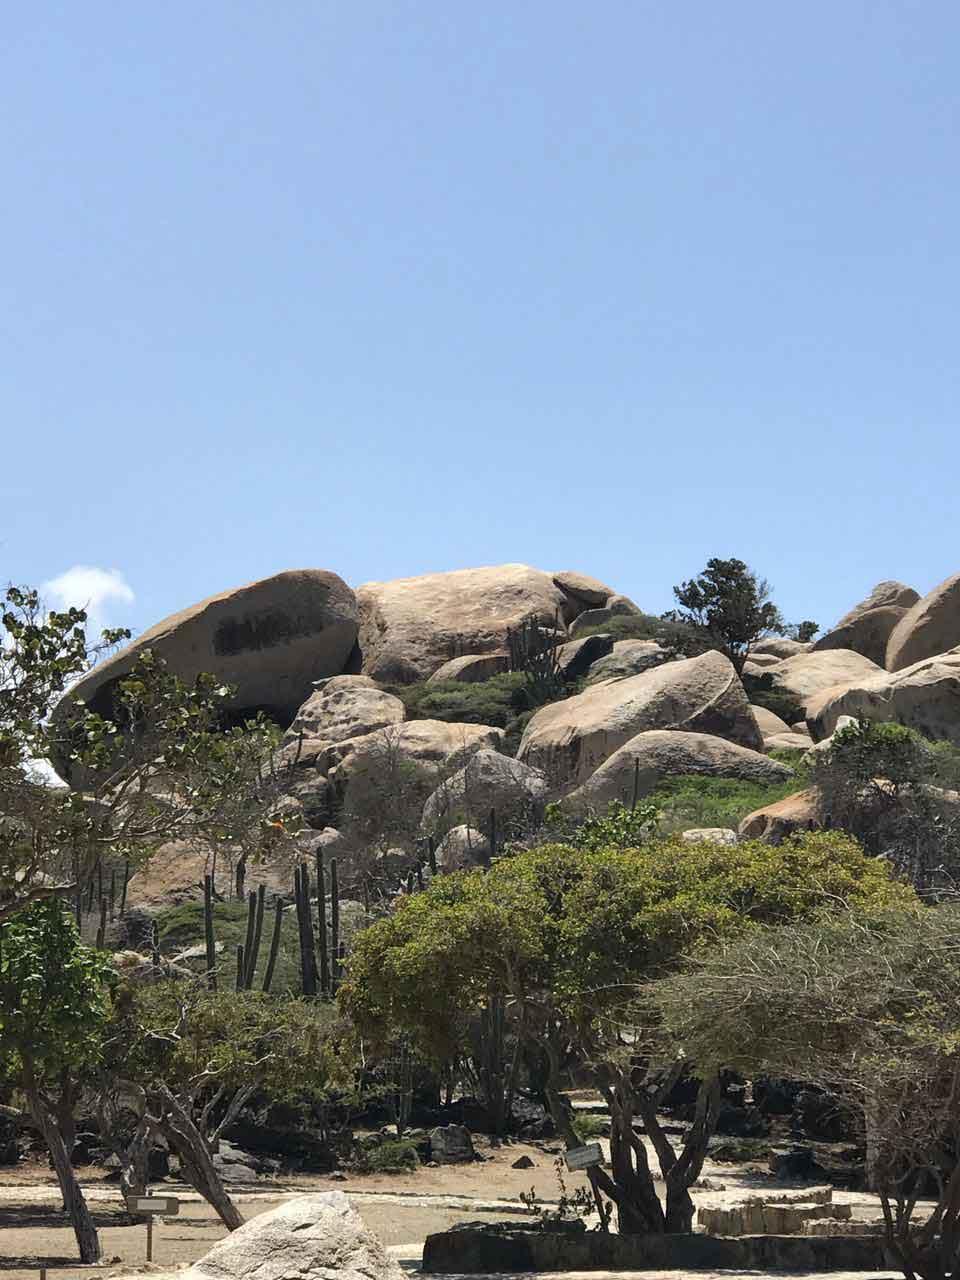 Vakantiewoning Aruba Ayo Rockformatie2 - OMGEVING